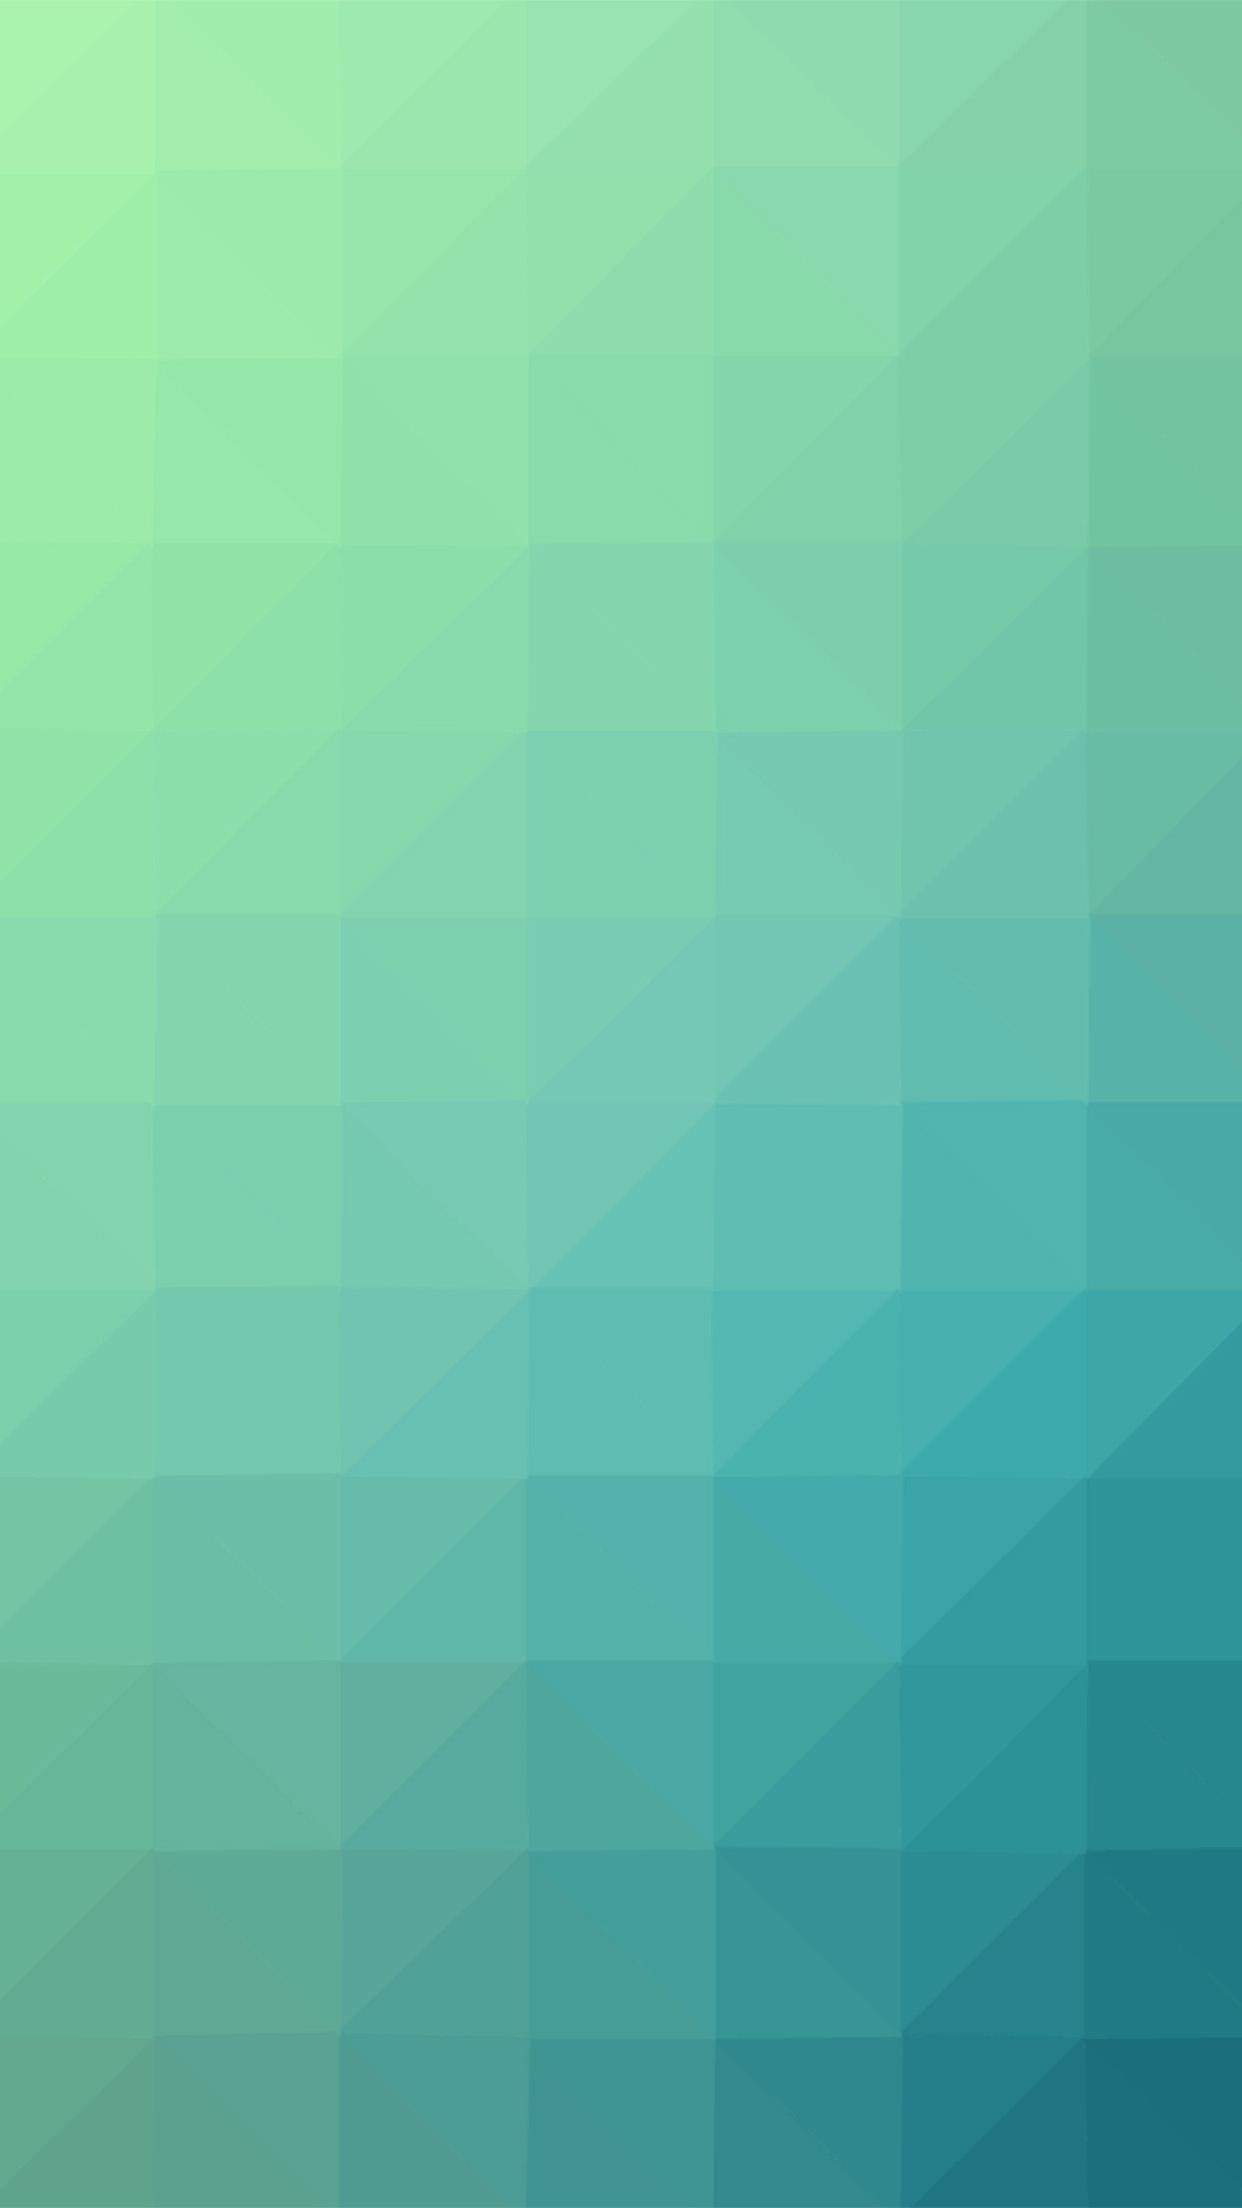 light green iphone wallpaper - photo #26